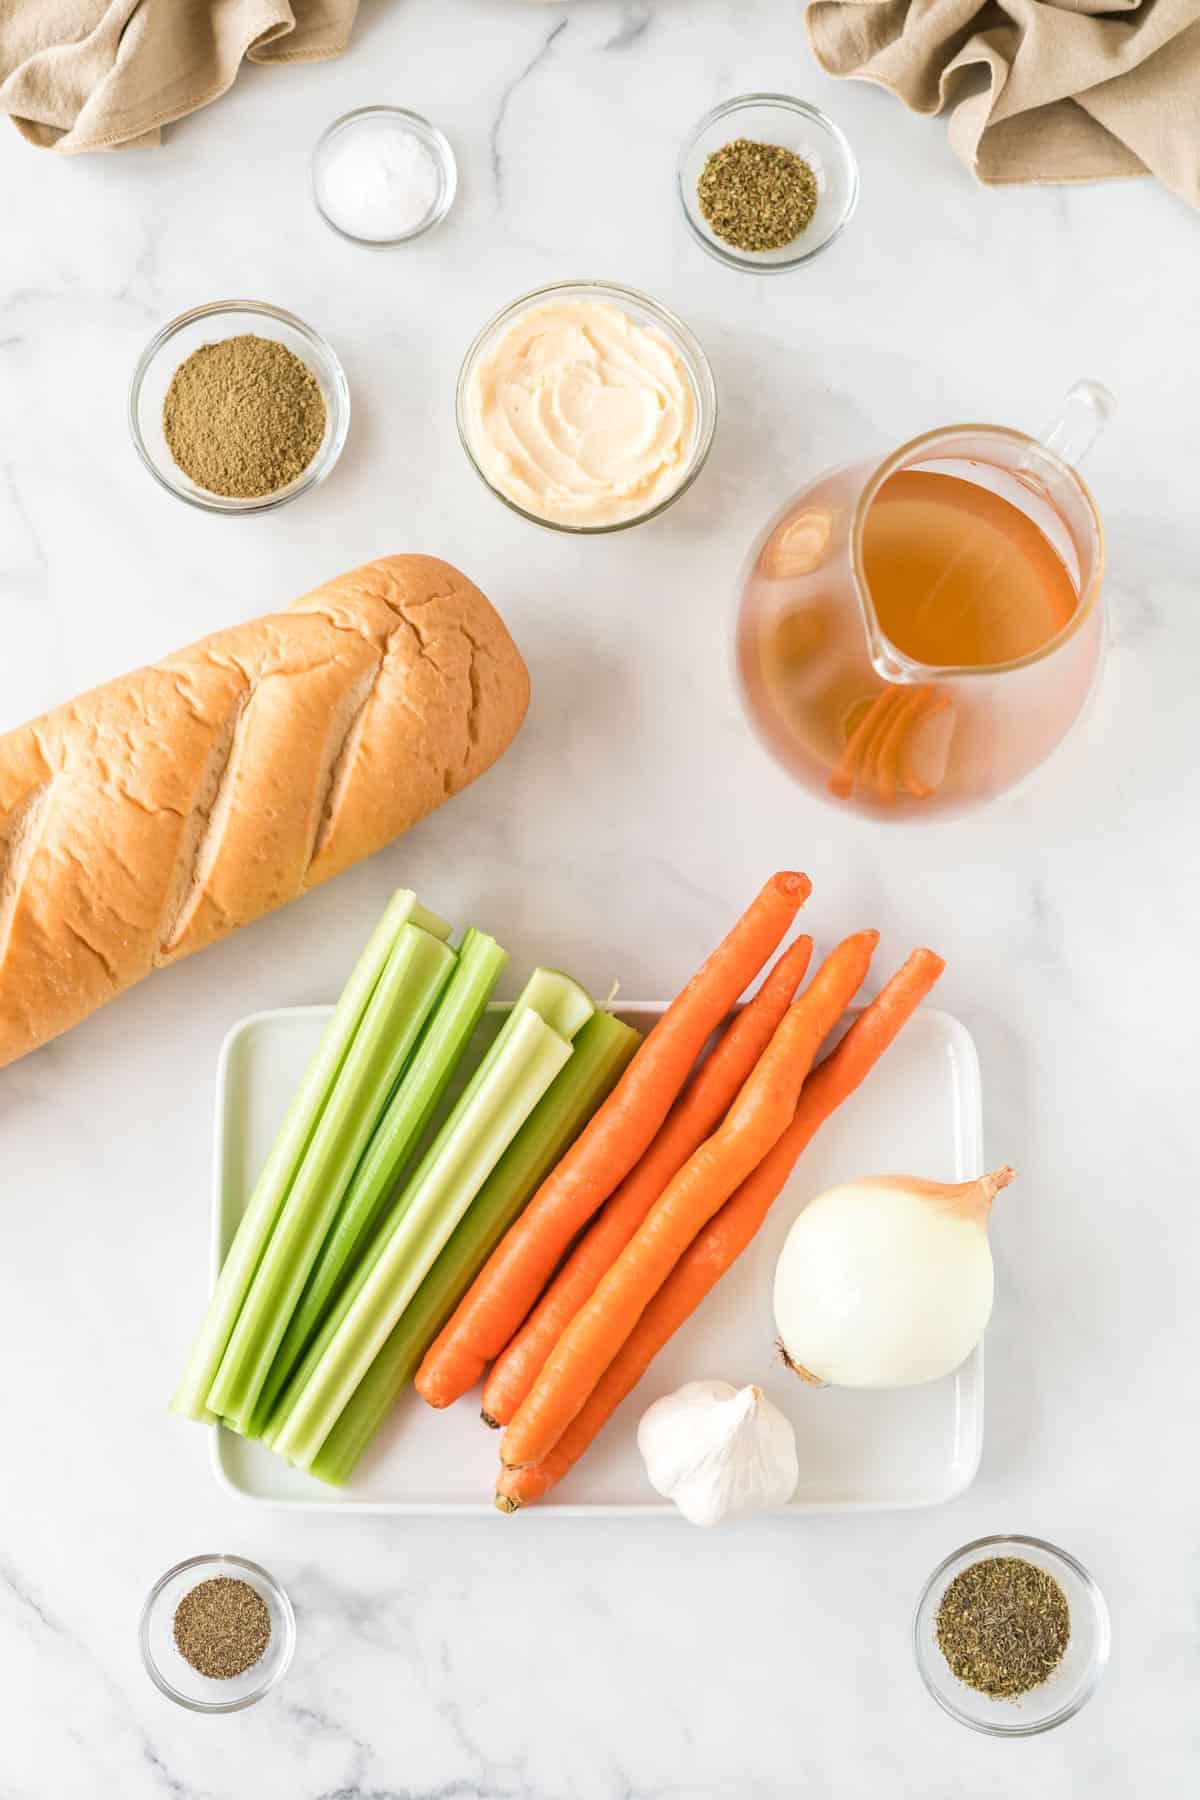 ingredients to make vegan stuffing